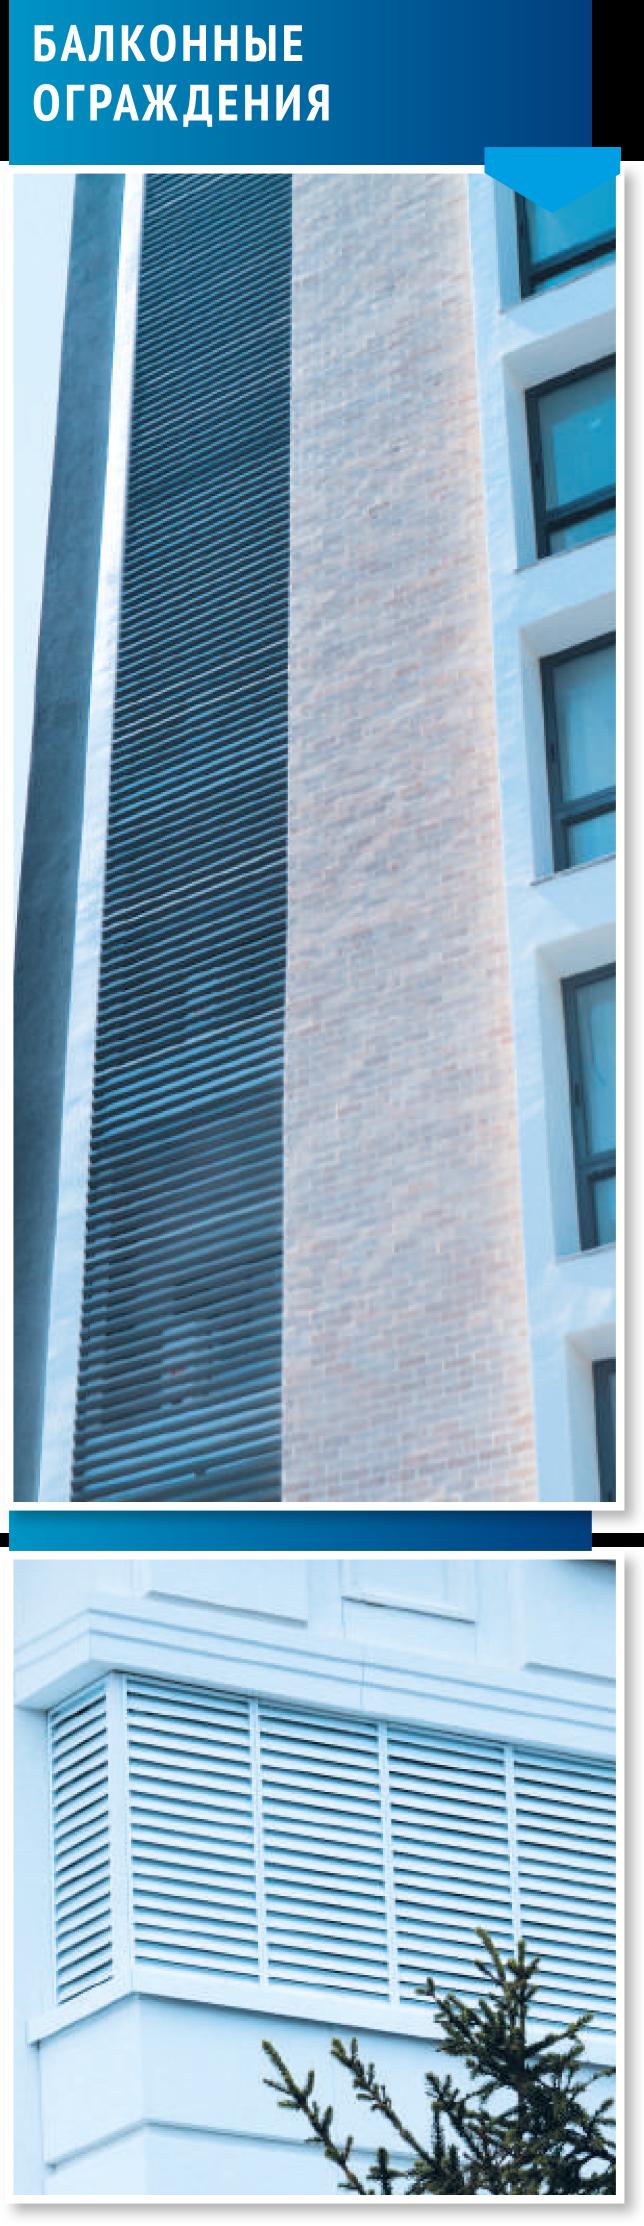 Фасадные жалюзийные системы для балконных ограждений